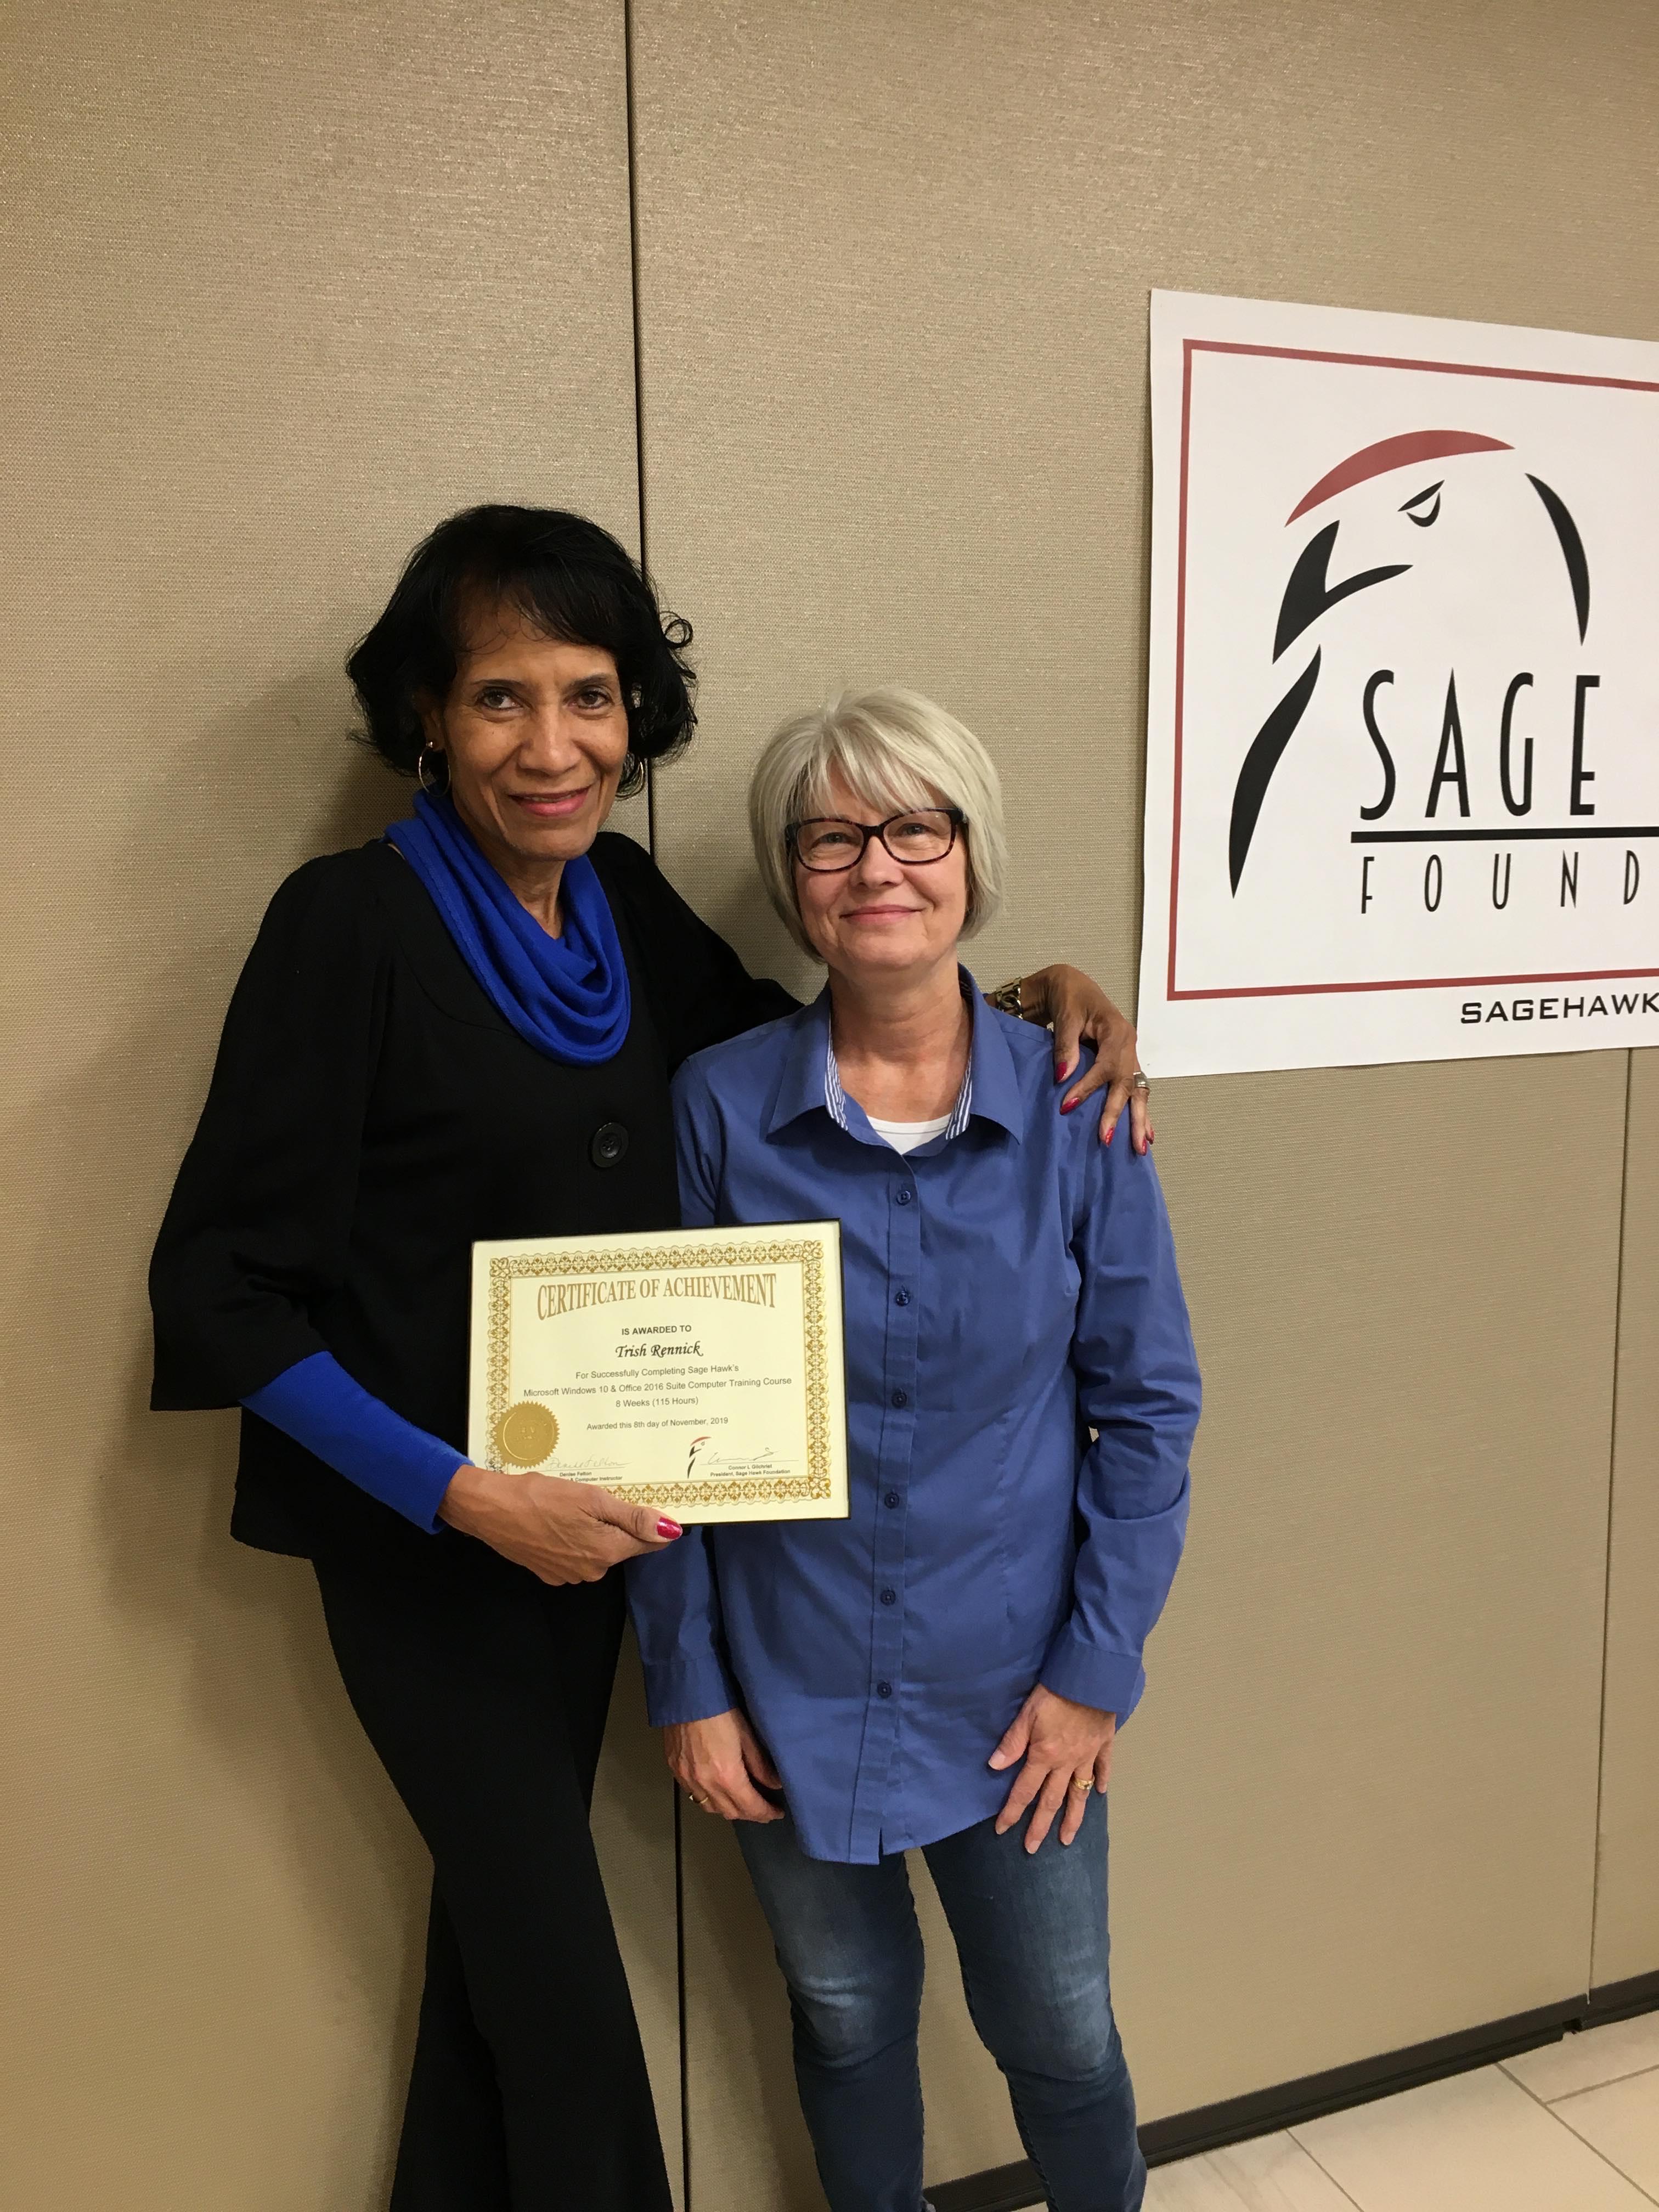 Trish Certificate